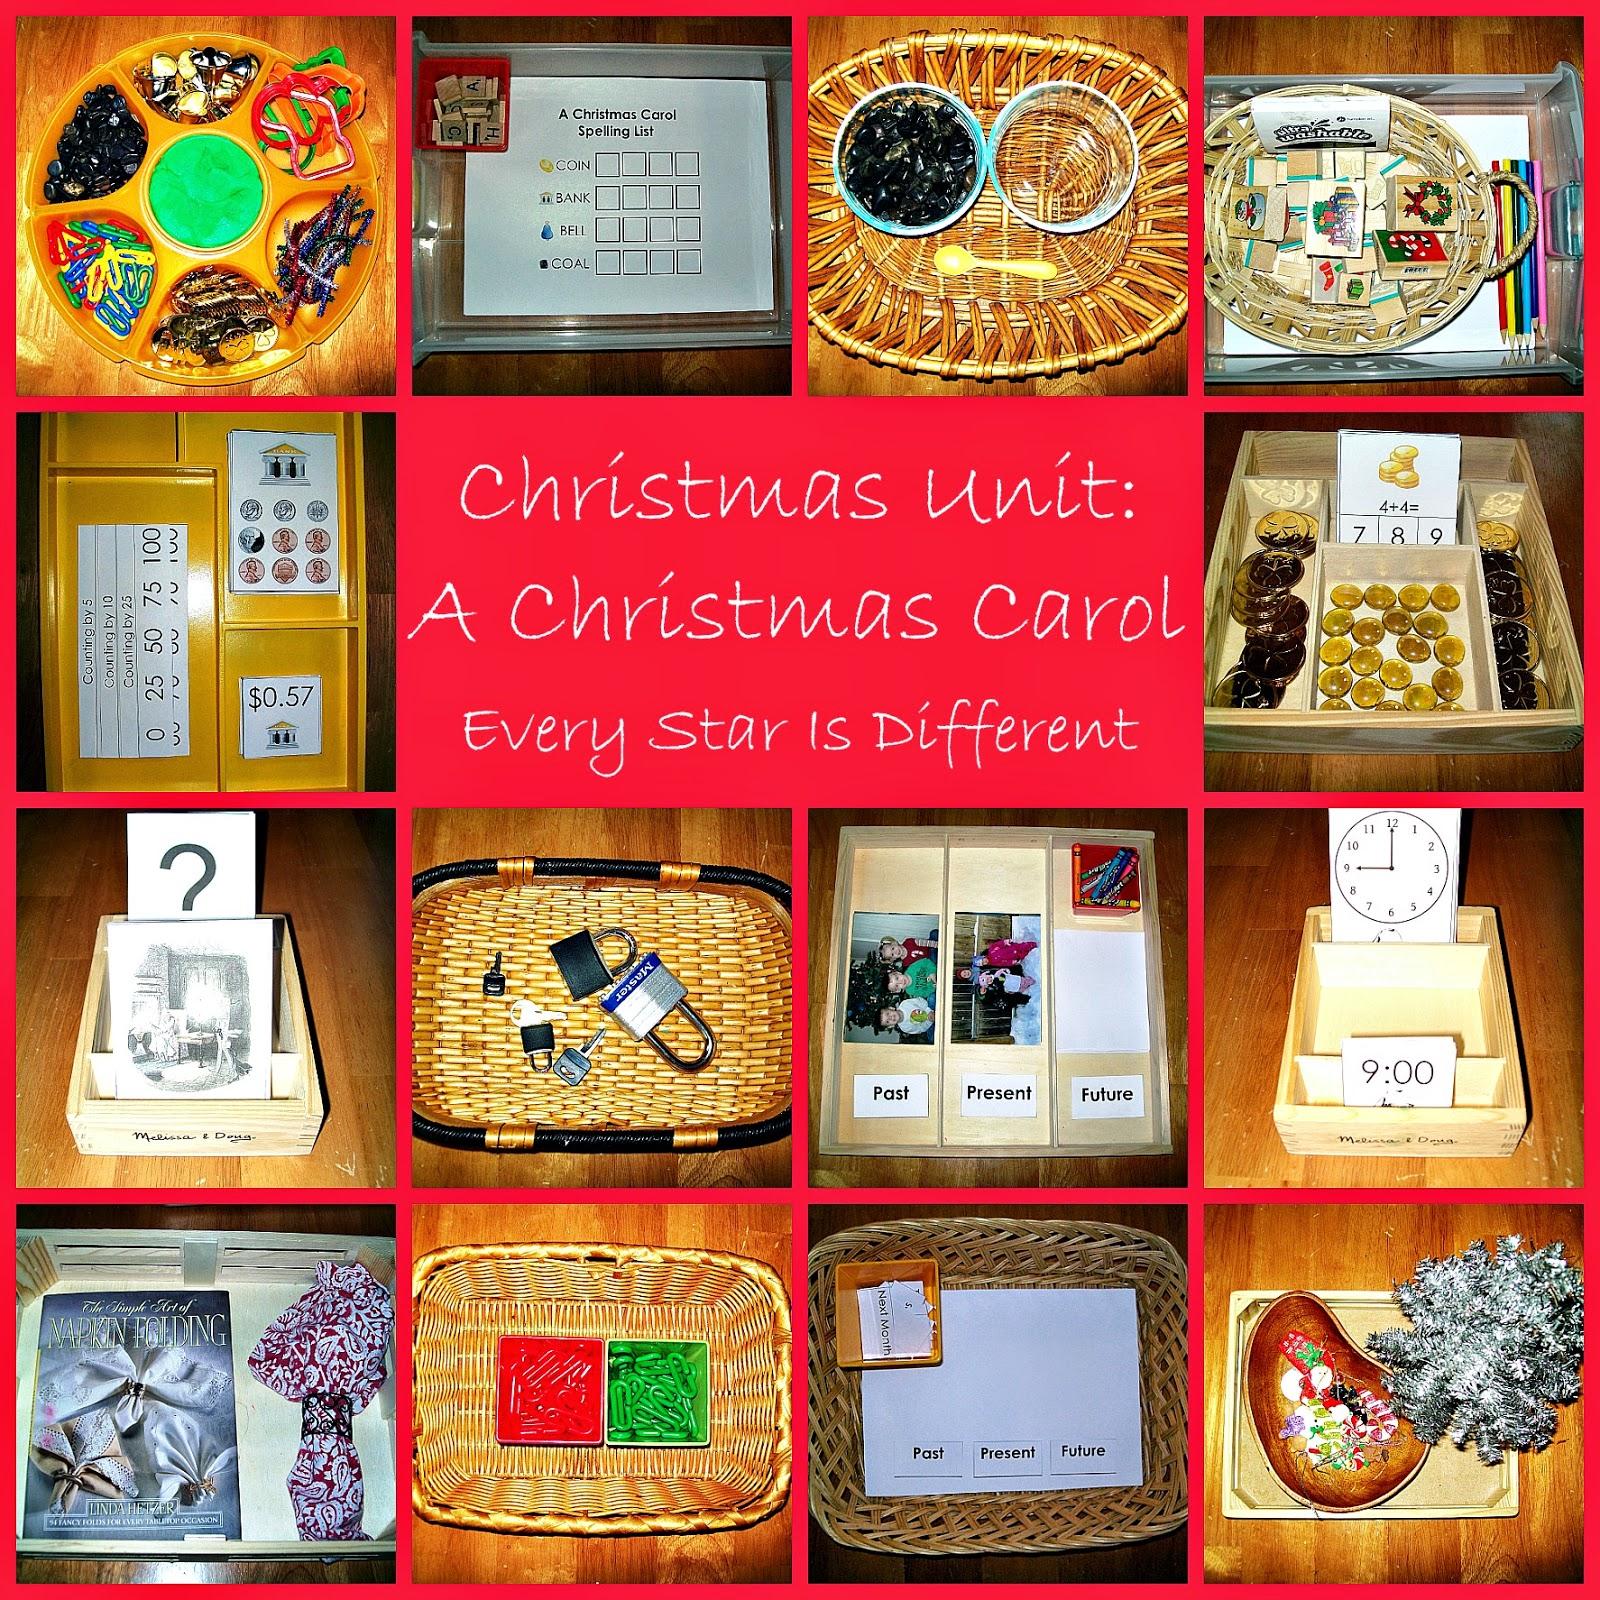 Christmas Week 2: A Christmas Carol